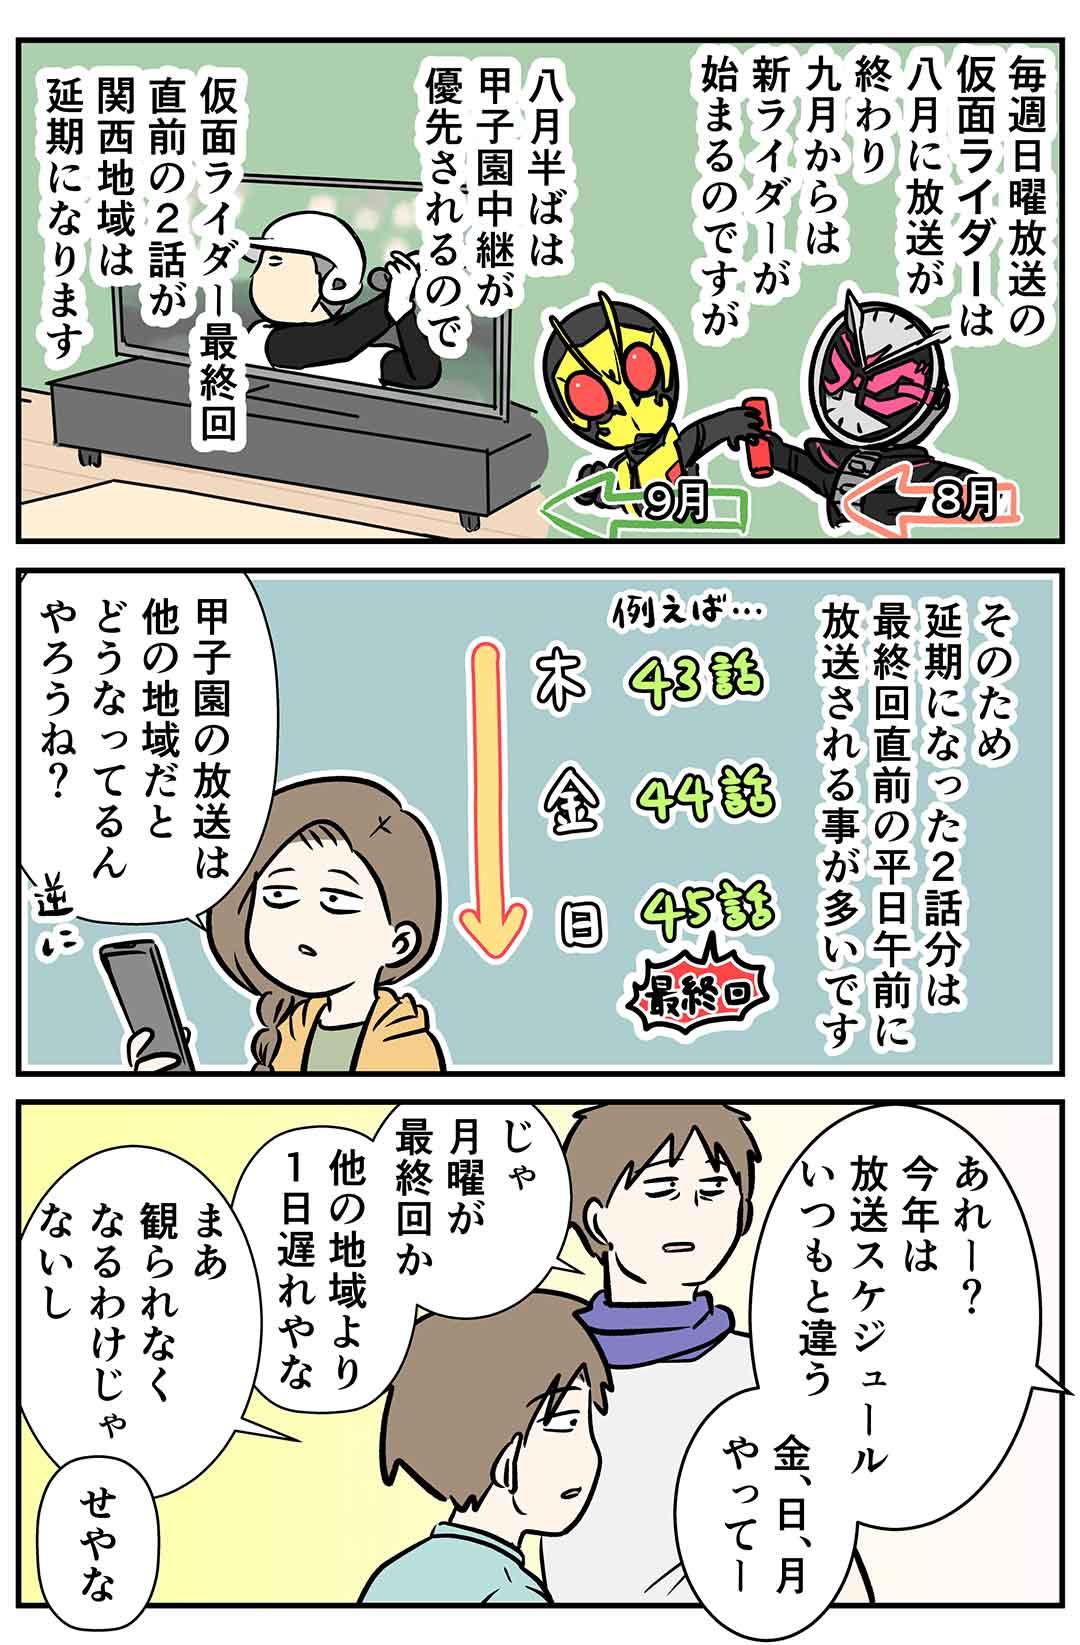 関西在住の『仮面ライダージオウ』視聴民の悲しみを伝えたい